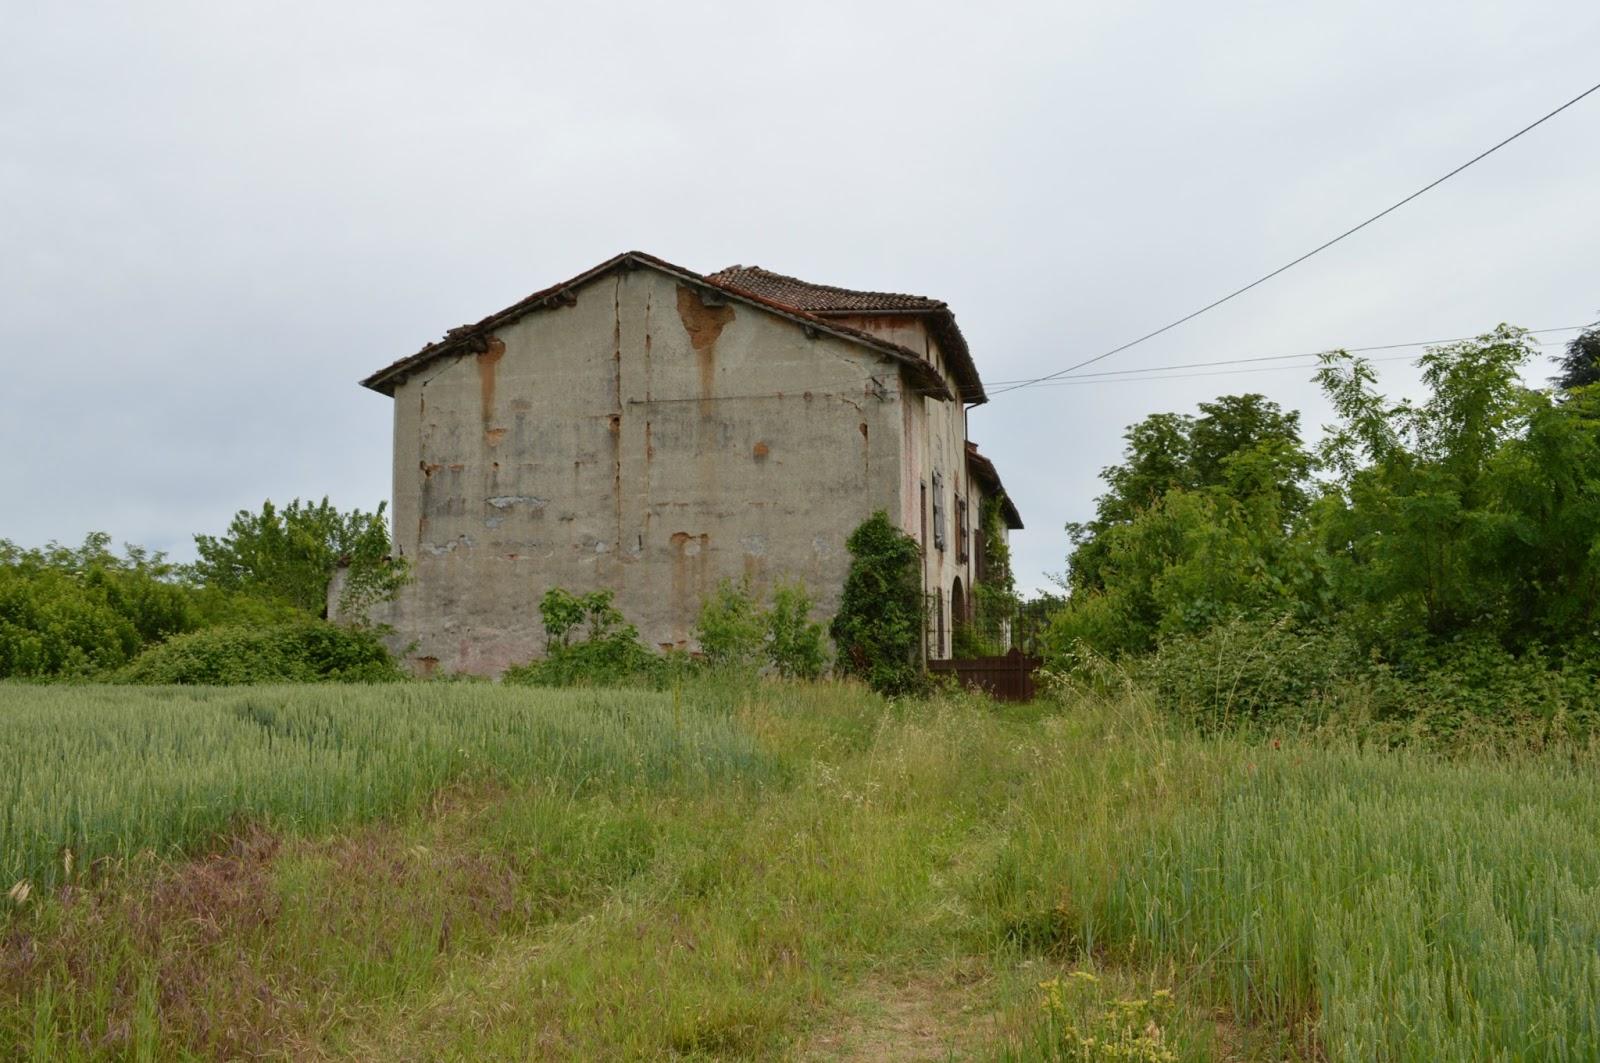 Il blog di daniela fava alla ricerca delle case di terra for Case alla ricerca di cottage